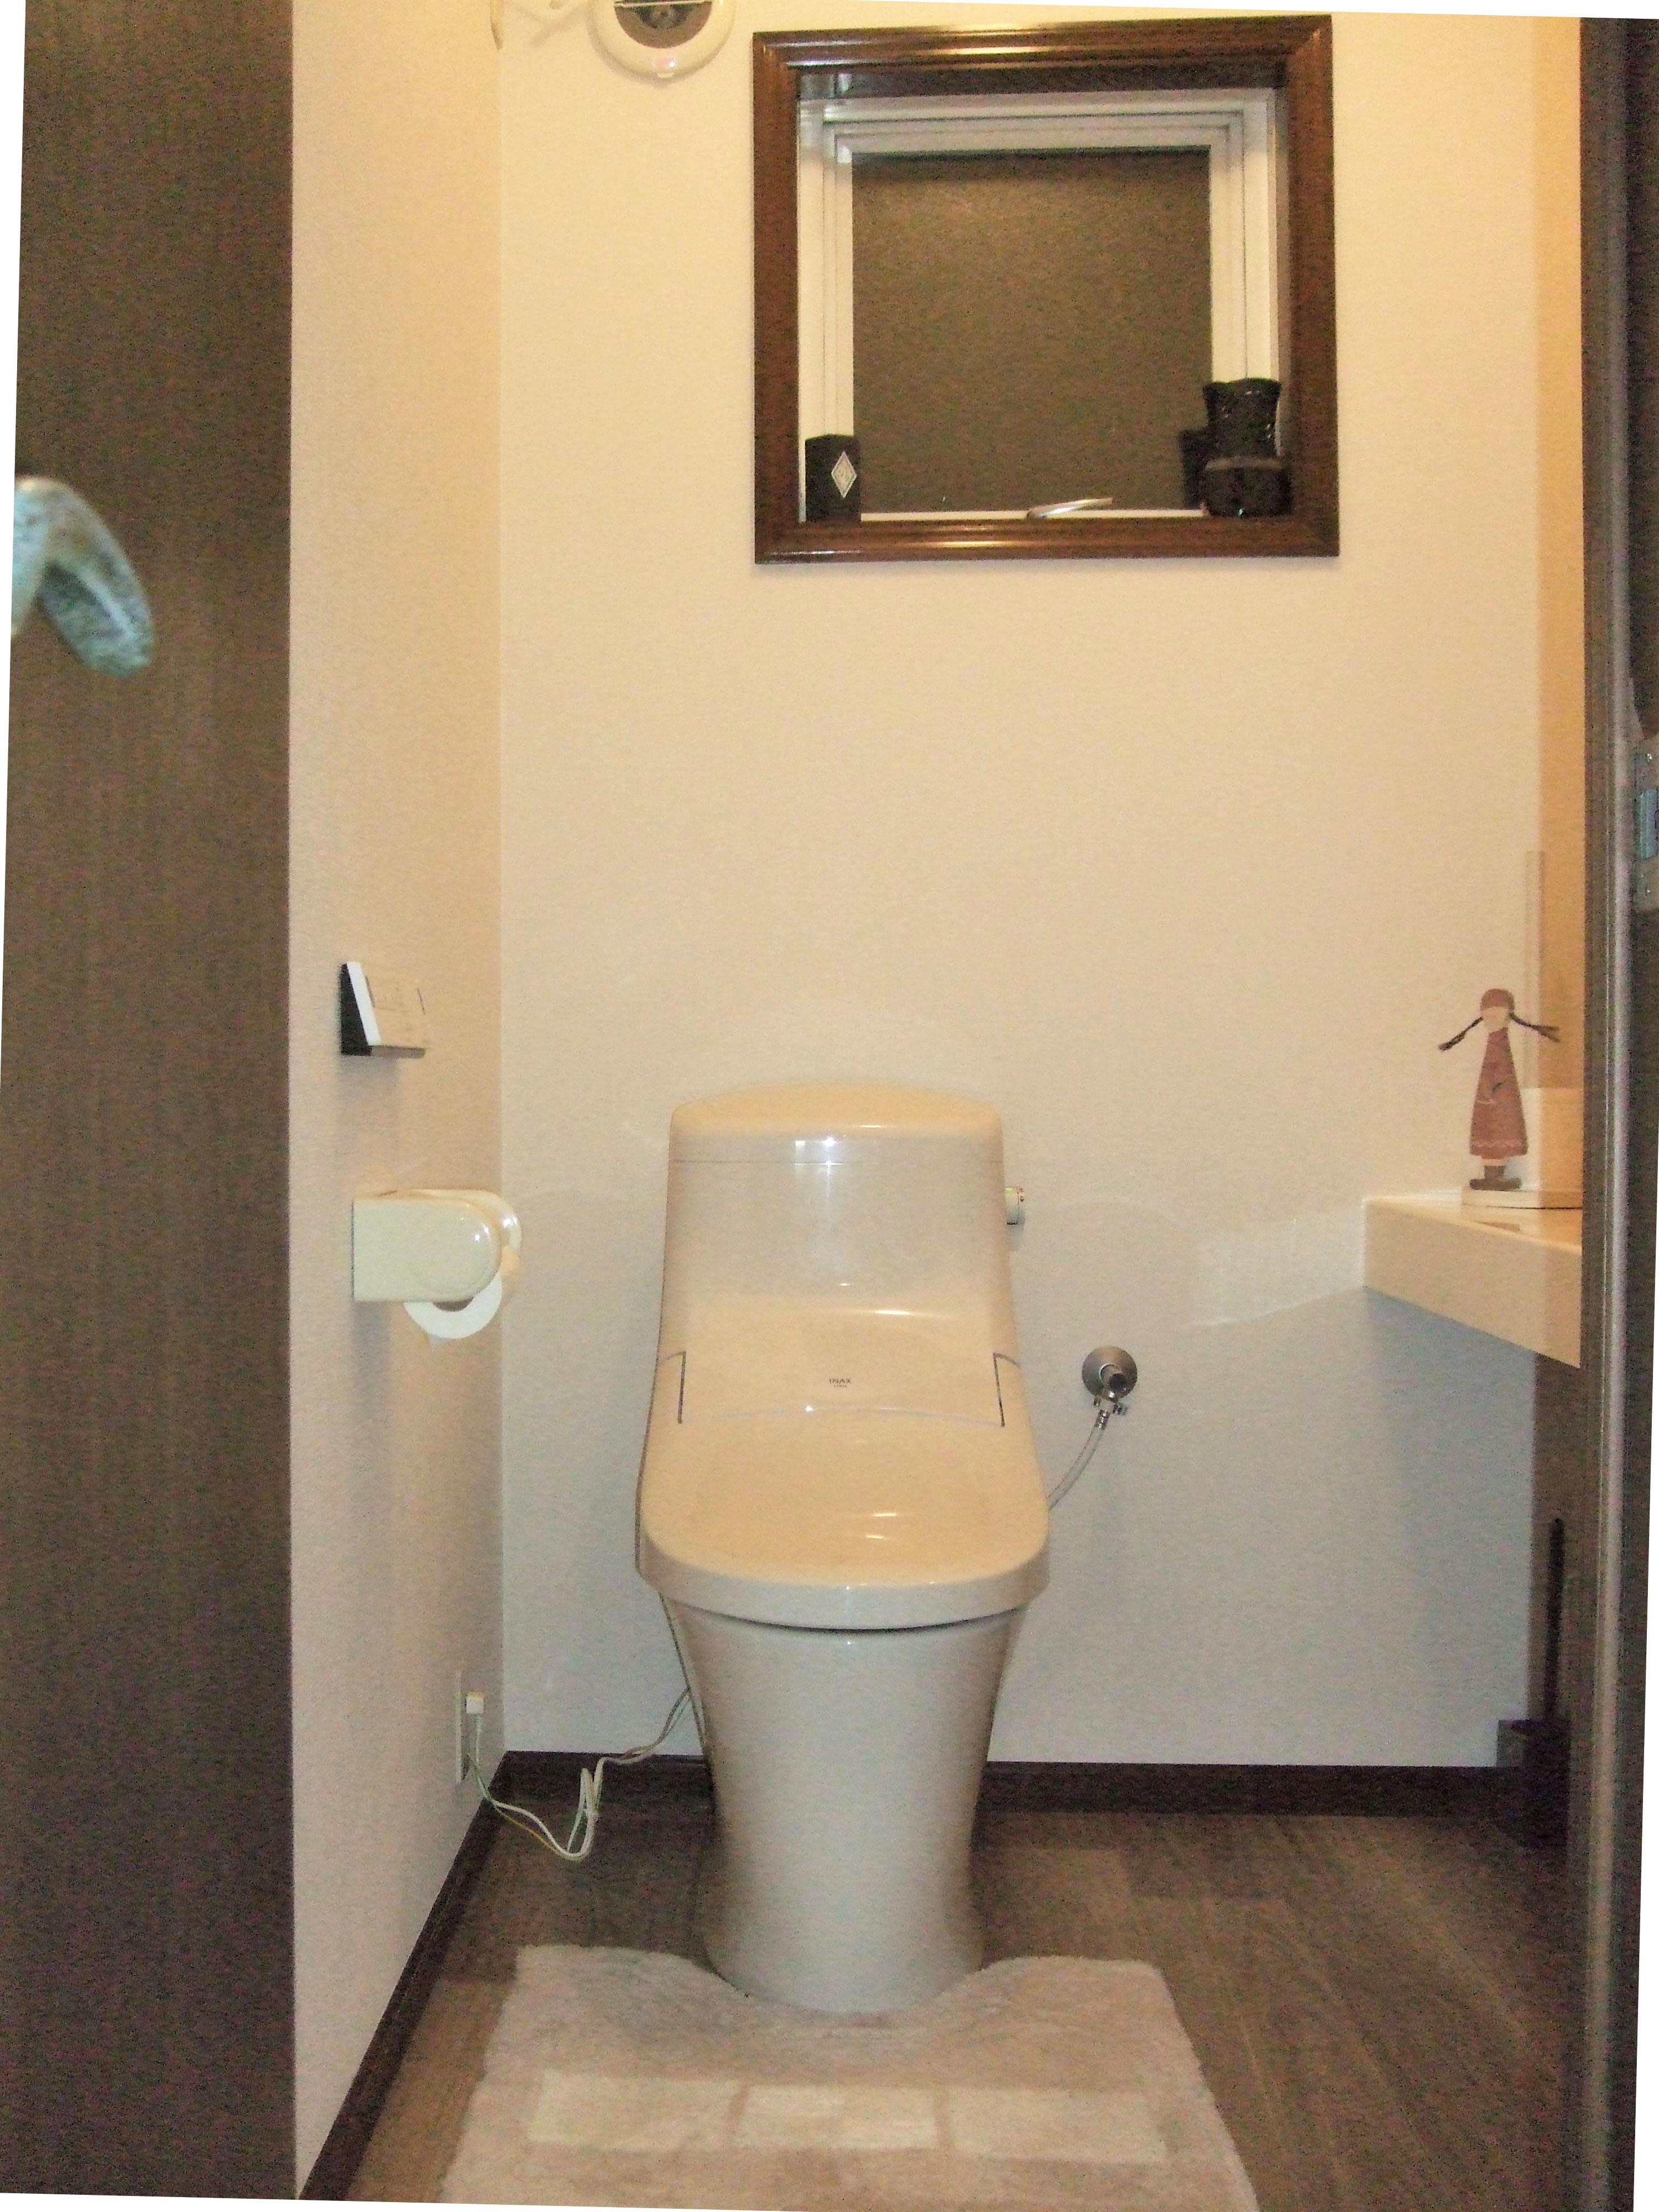 トイレ改装でトイレ掃除も楽になりました。